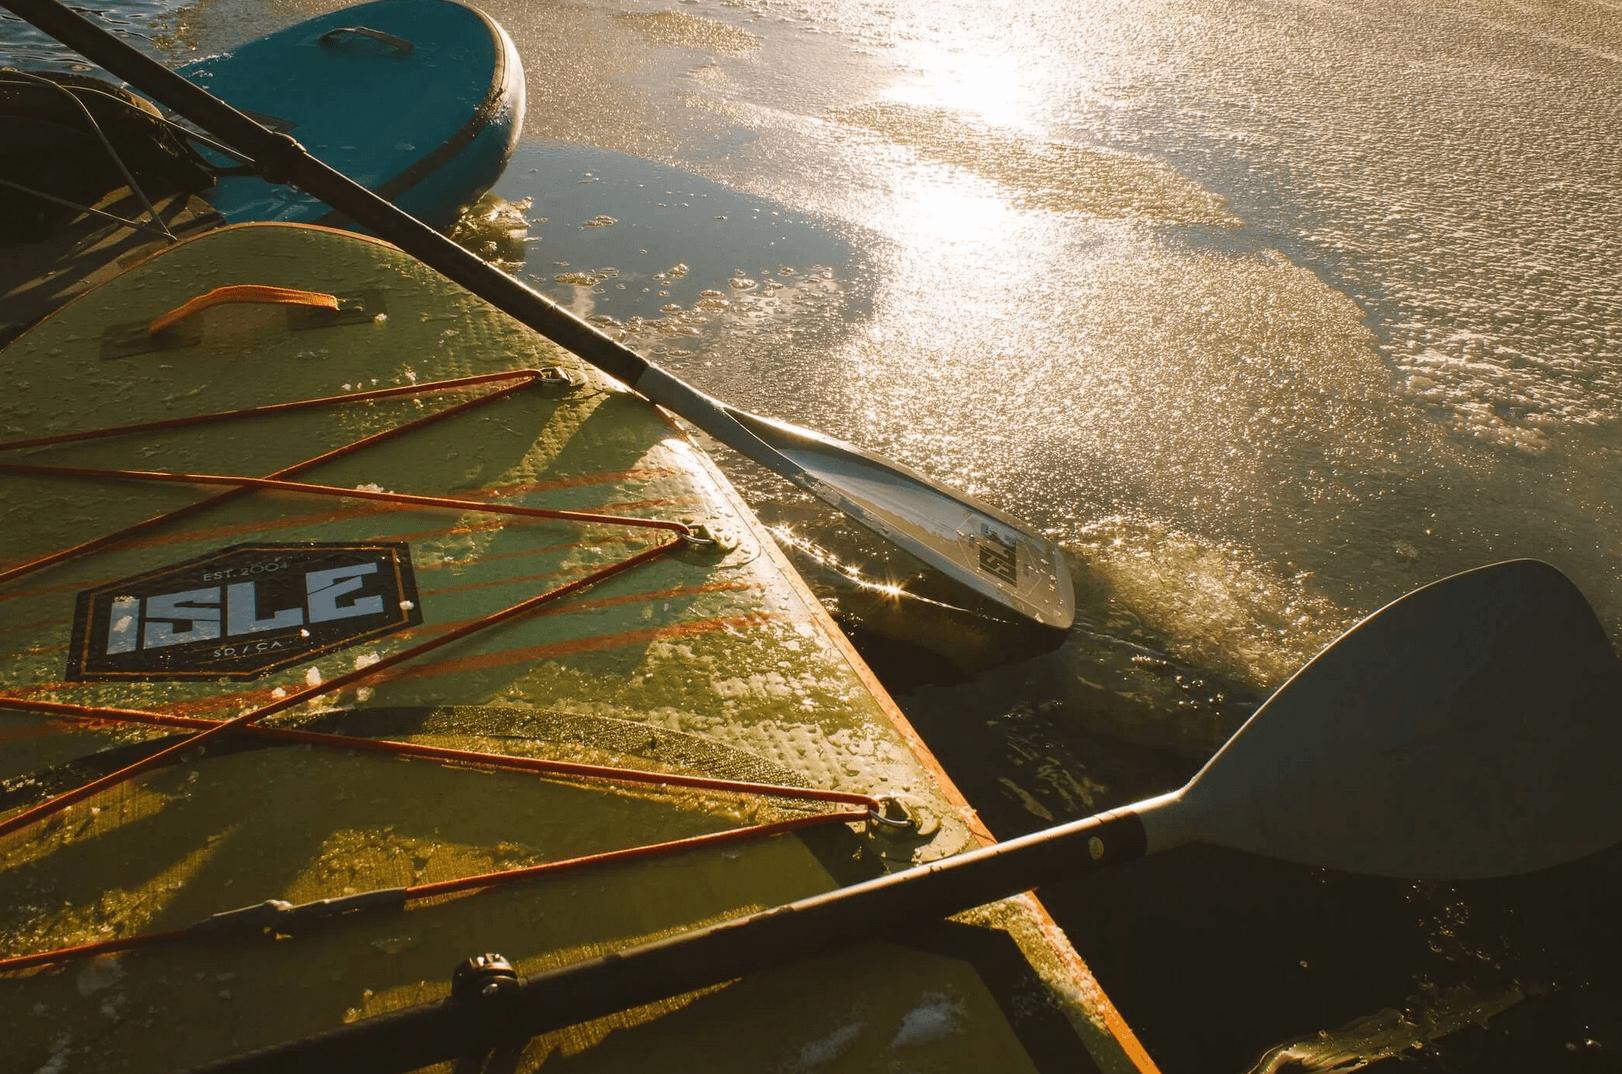 Suppen In Koude Temperaturen: De 5 Beste Accessoires